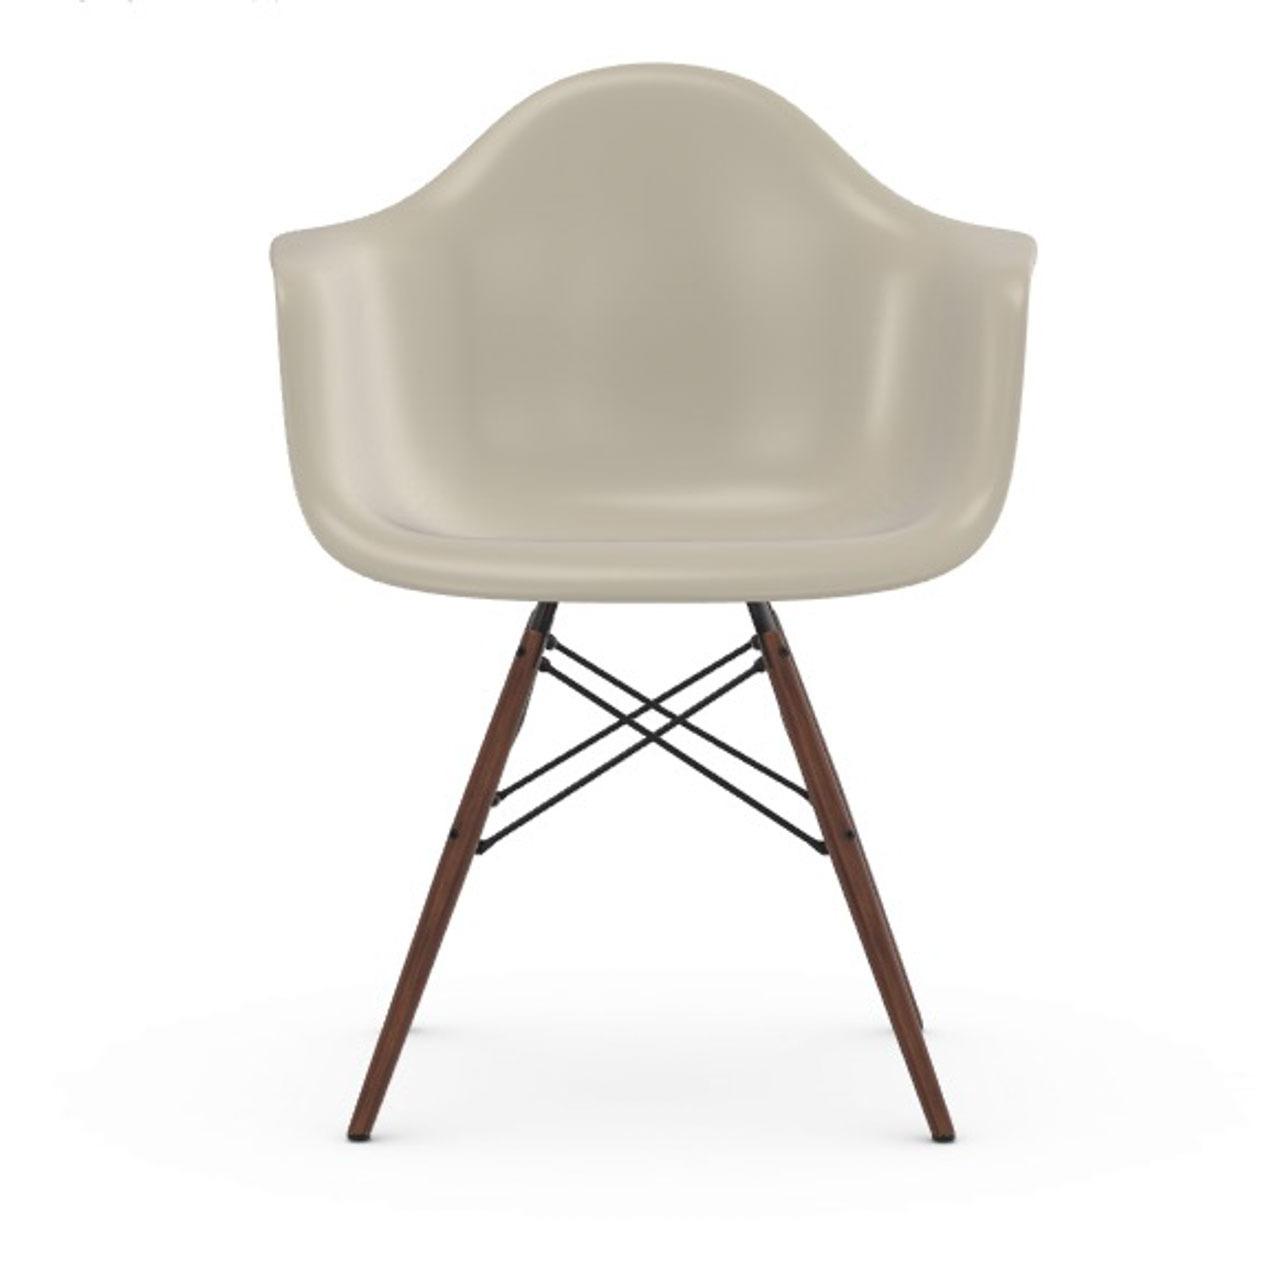 Vitra Eames Plastic Armchair DAW ohne Polster  Holzuntergestell Ahorn dunkel / 95,  Kieselstein / 11,  Schwarzer Gleiter für Hartböden